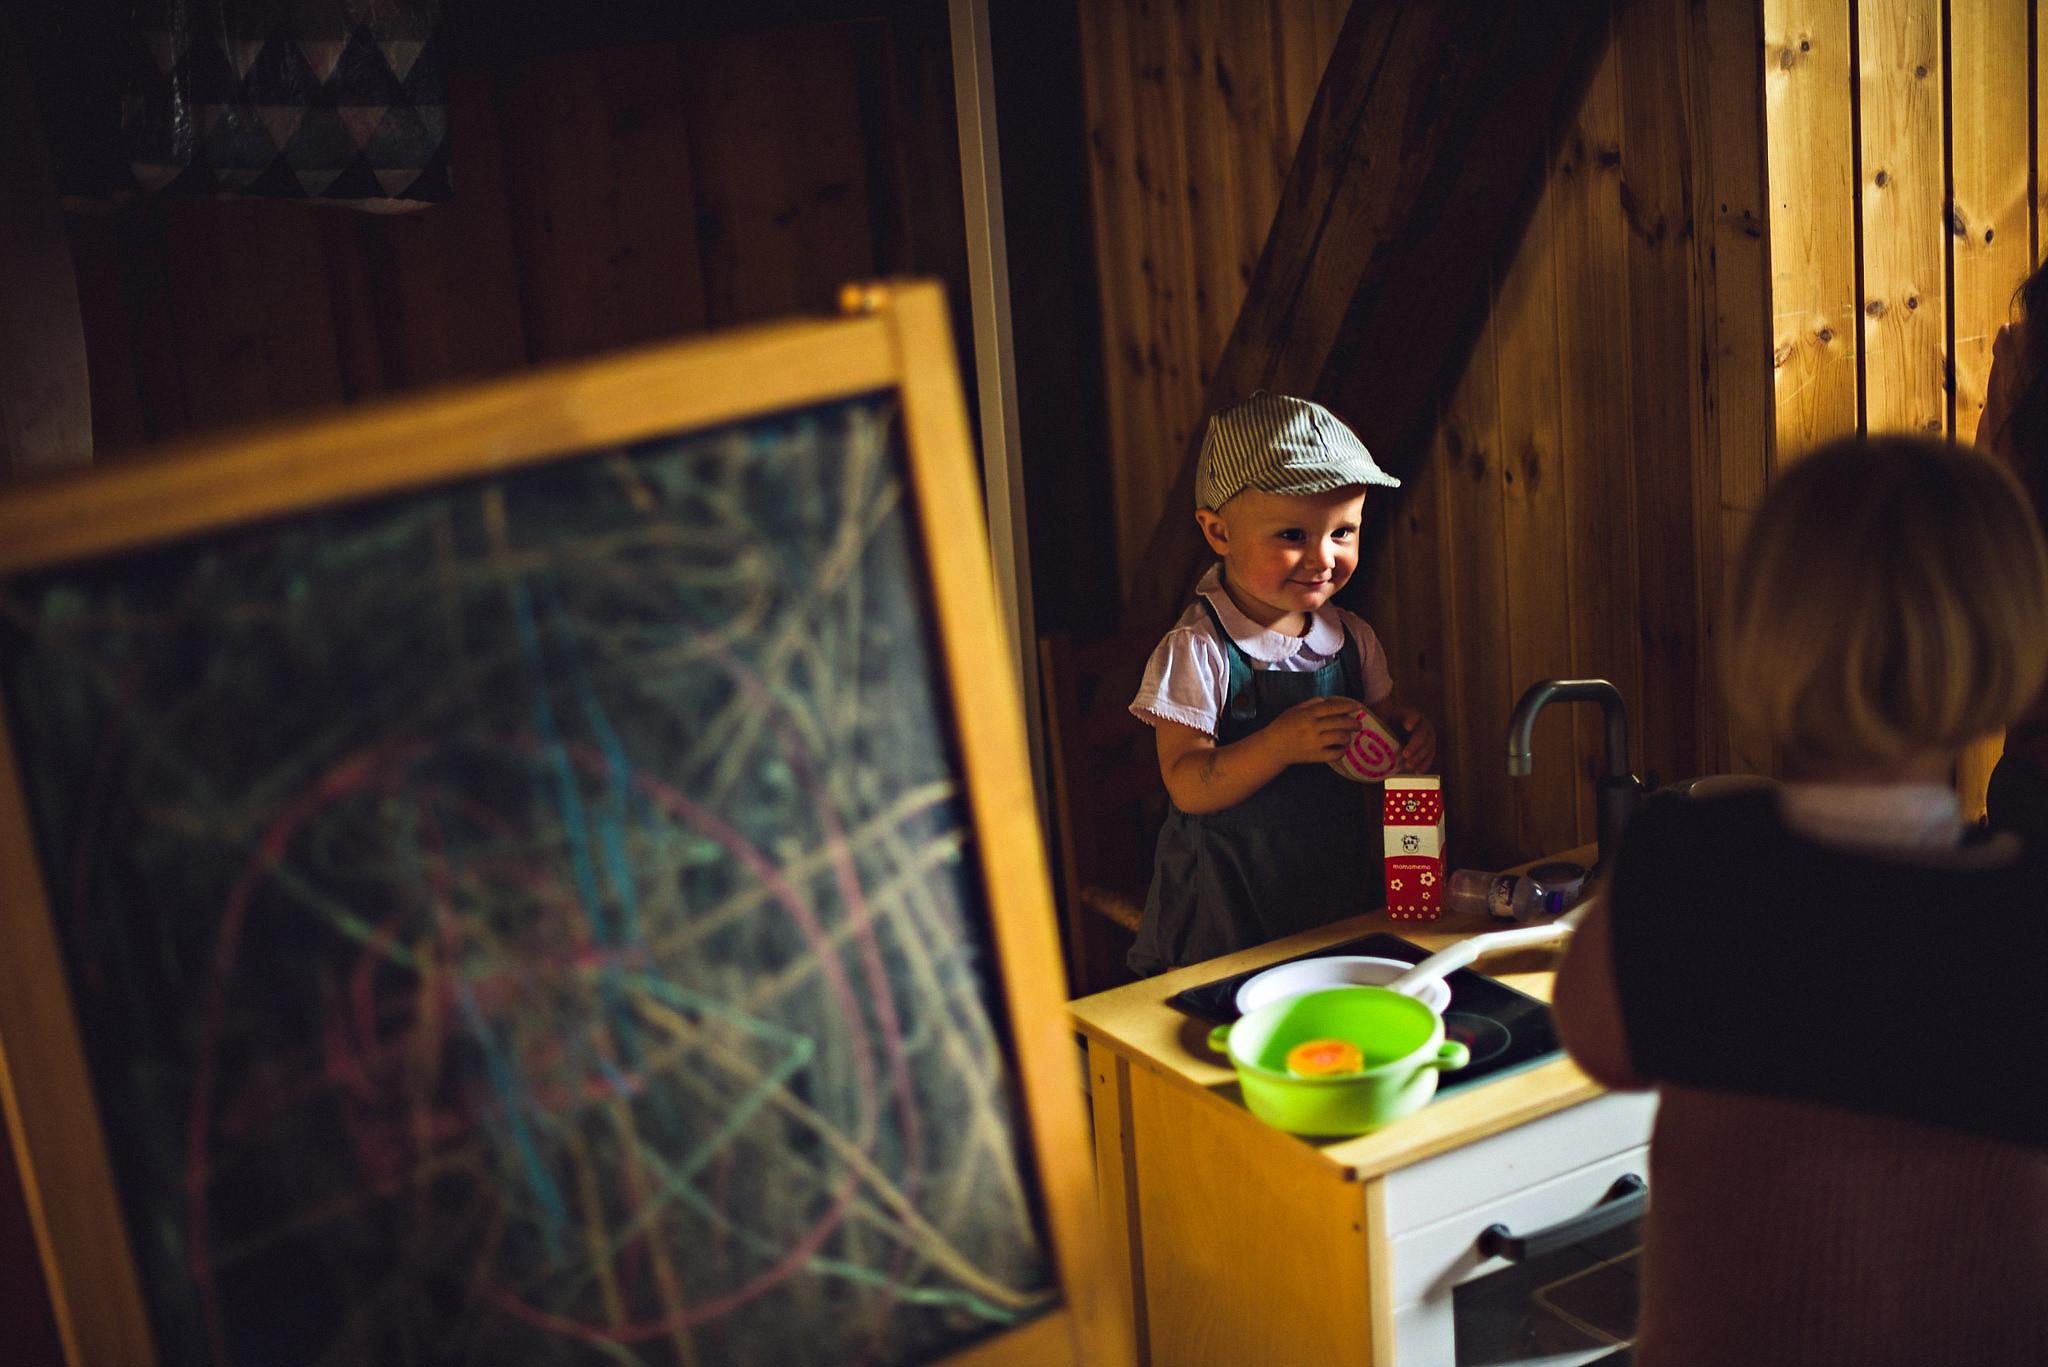 Et eget lekehjørne for barna skaper god stemning blant de små. Foto:  Eirik Halvorsen